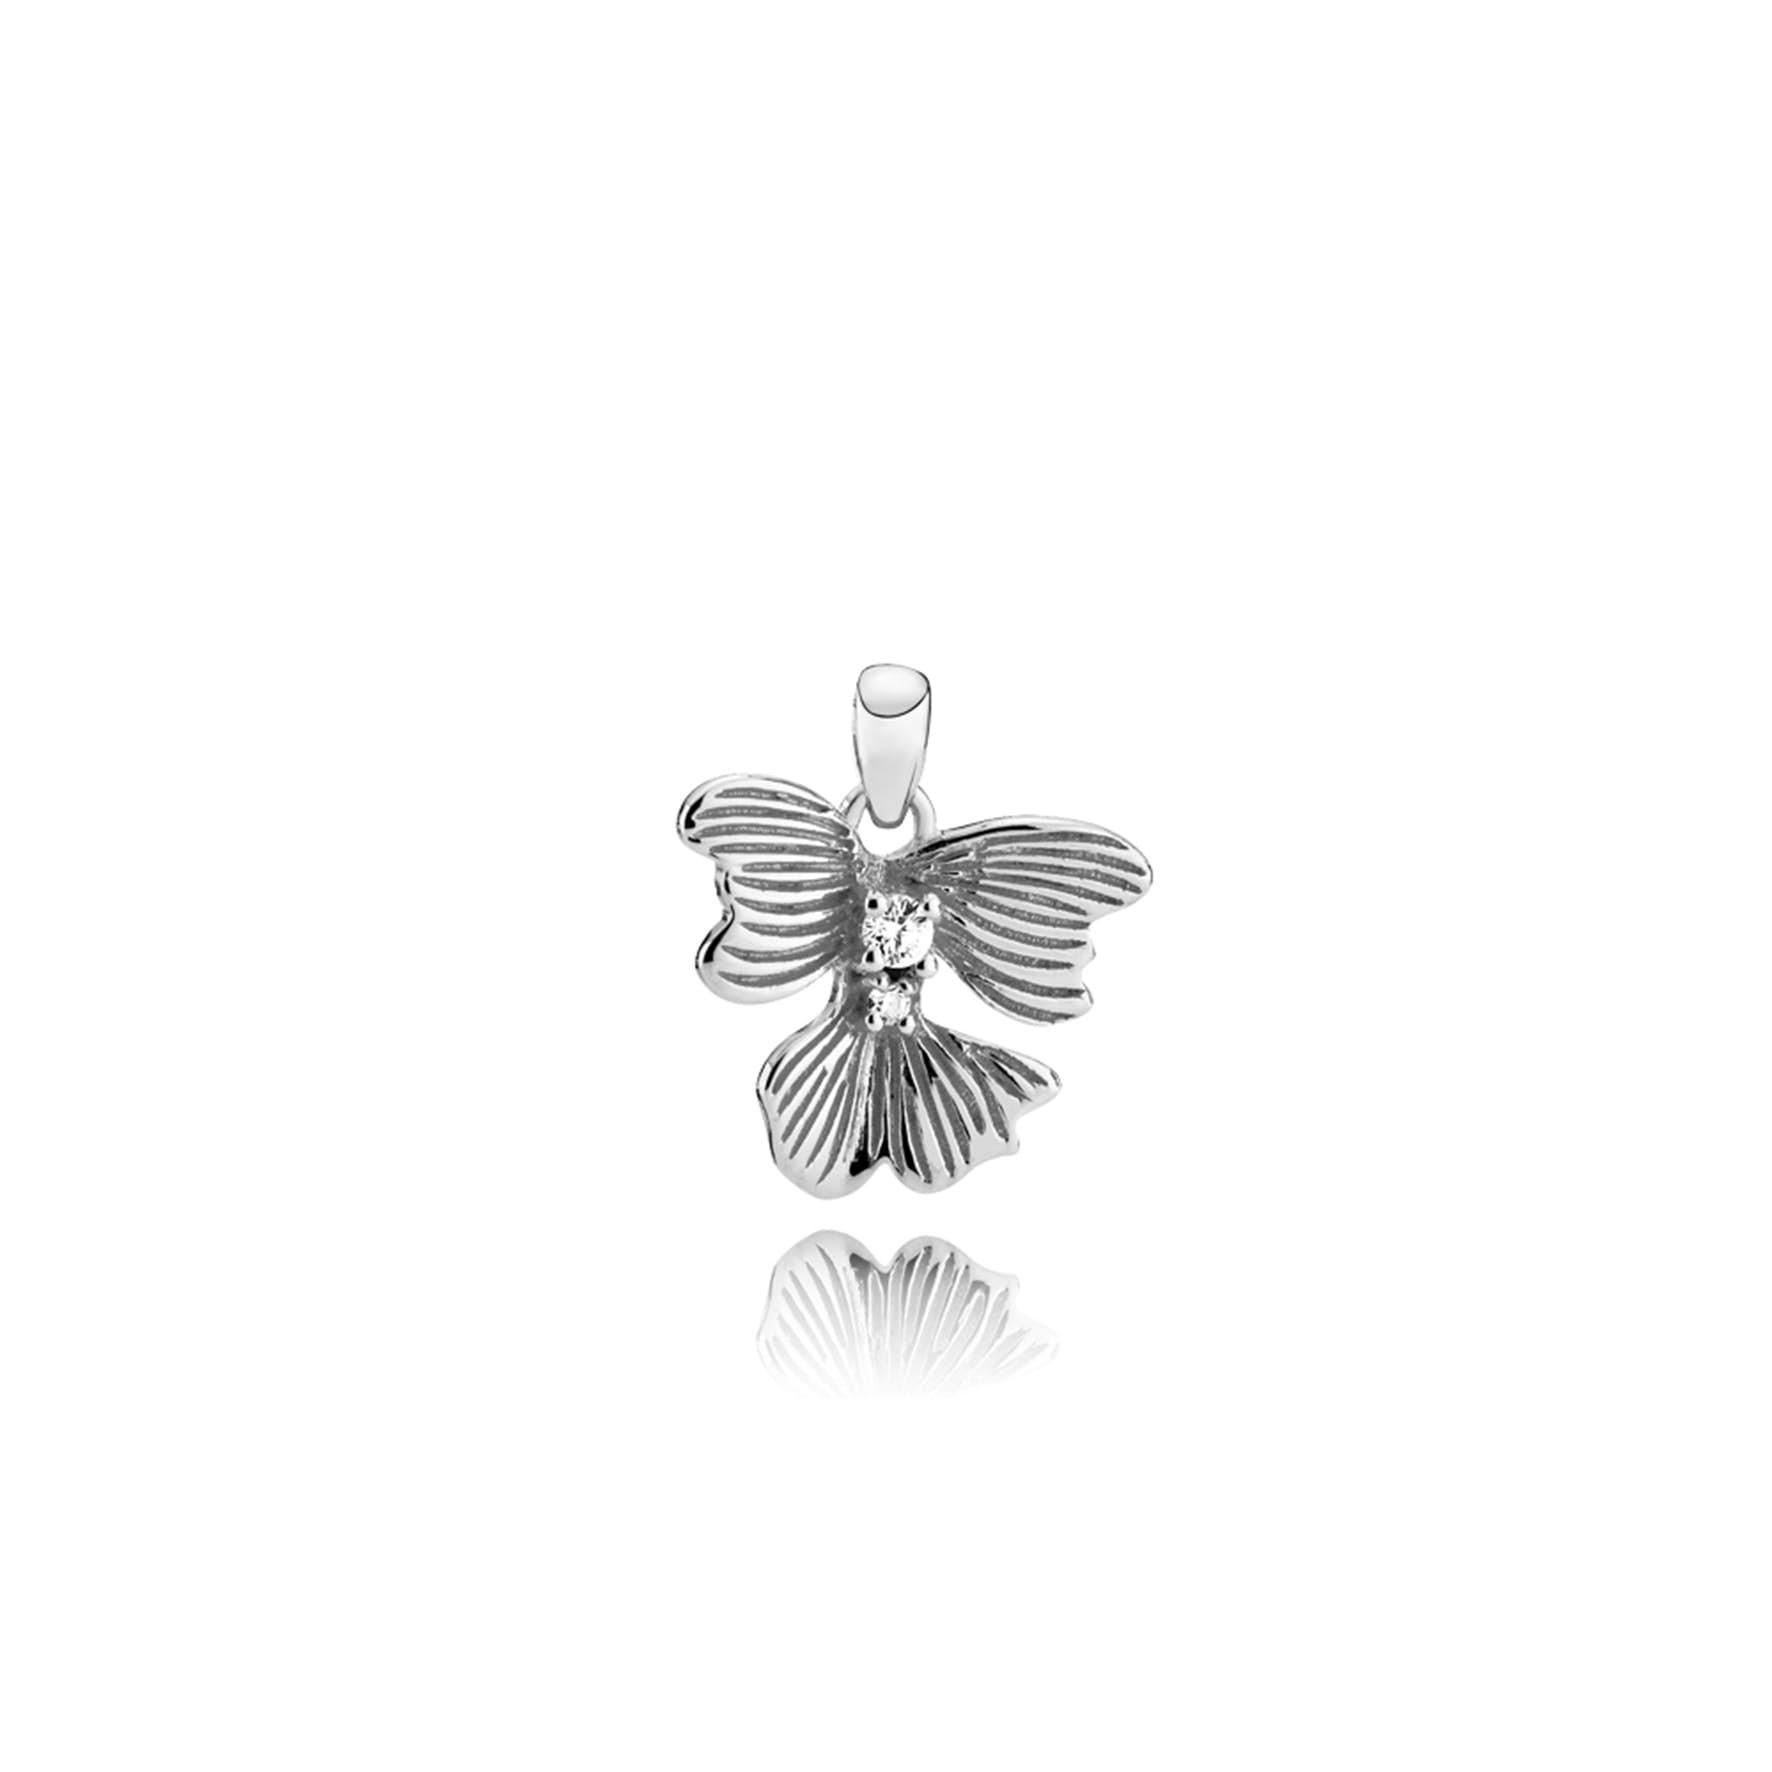 Violet Pendant von Izabel Camille in Silber Sterling 925